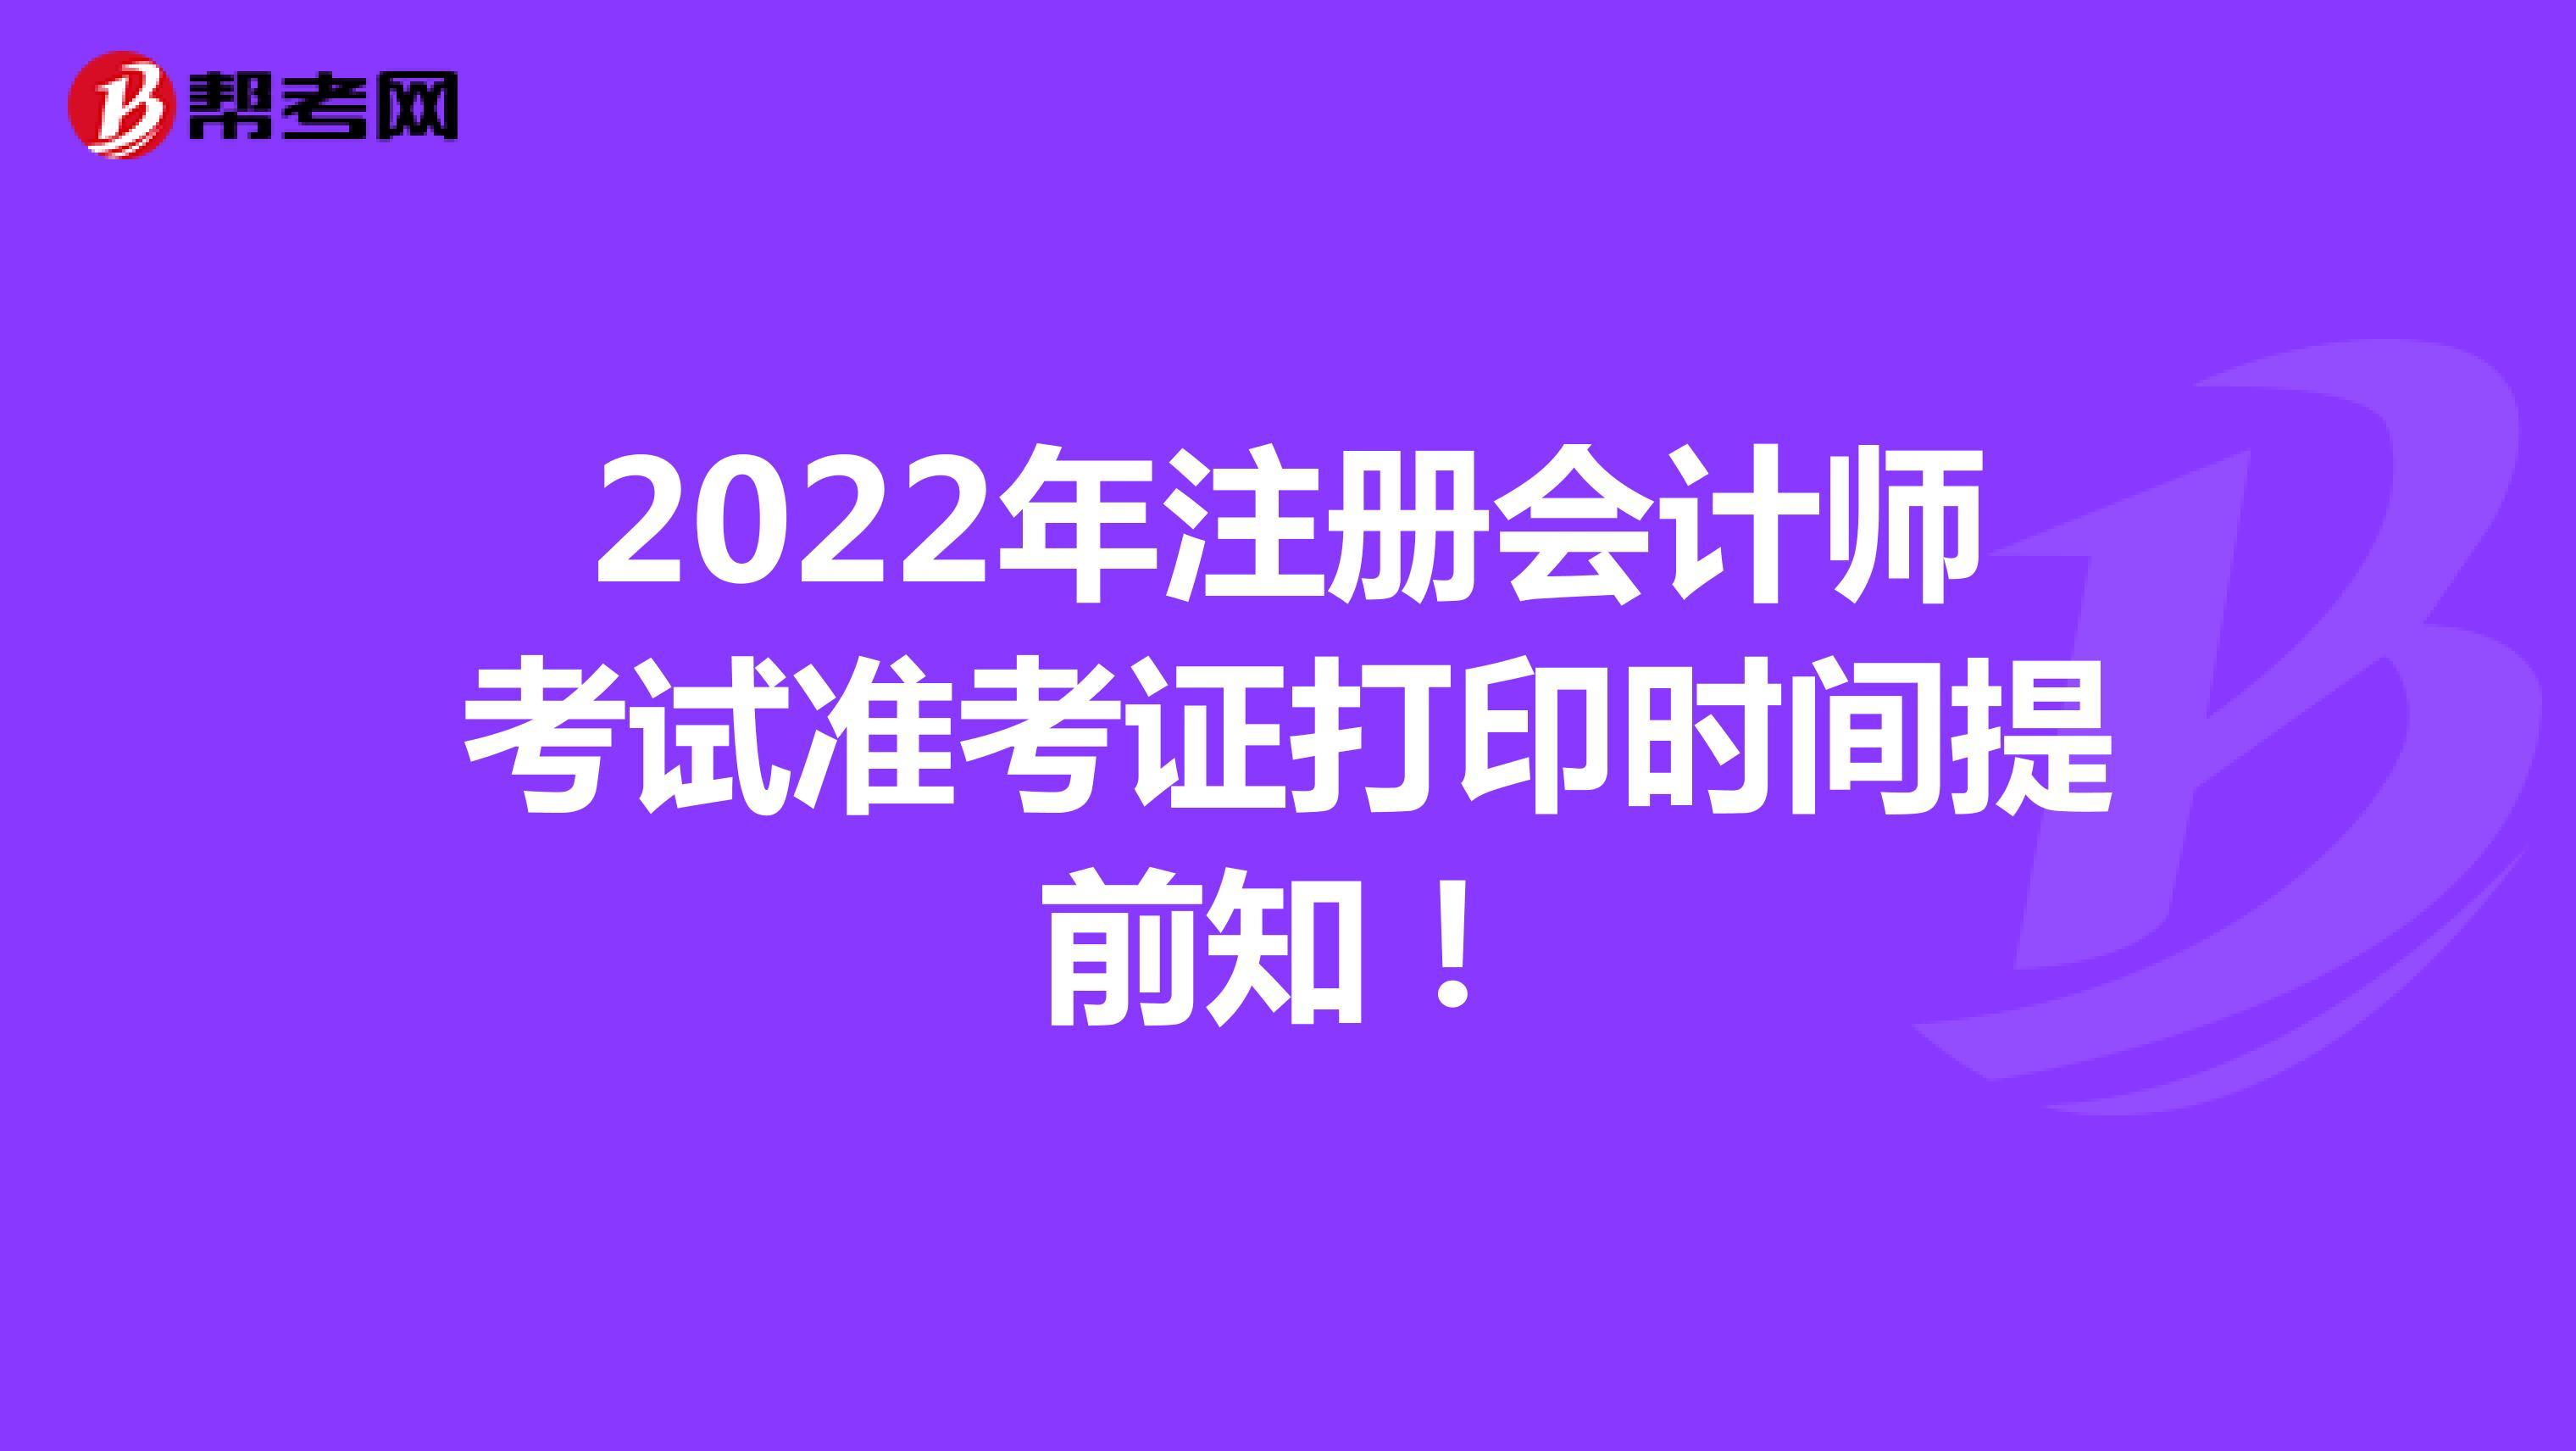 2022年注册会计师考试准考证打印时间提前知!